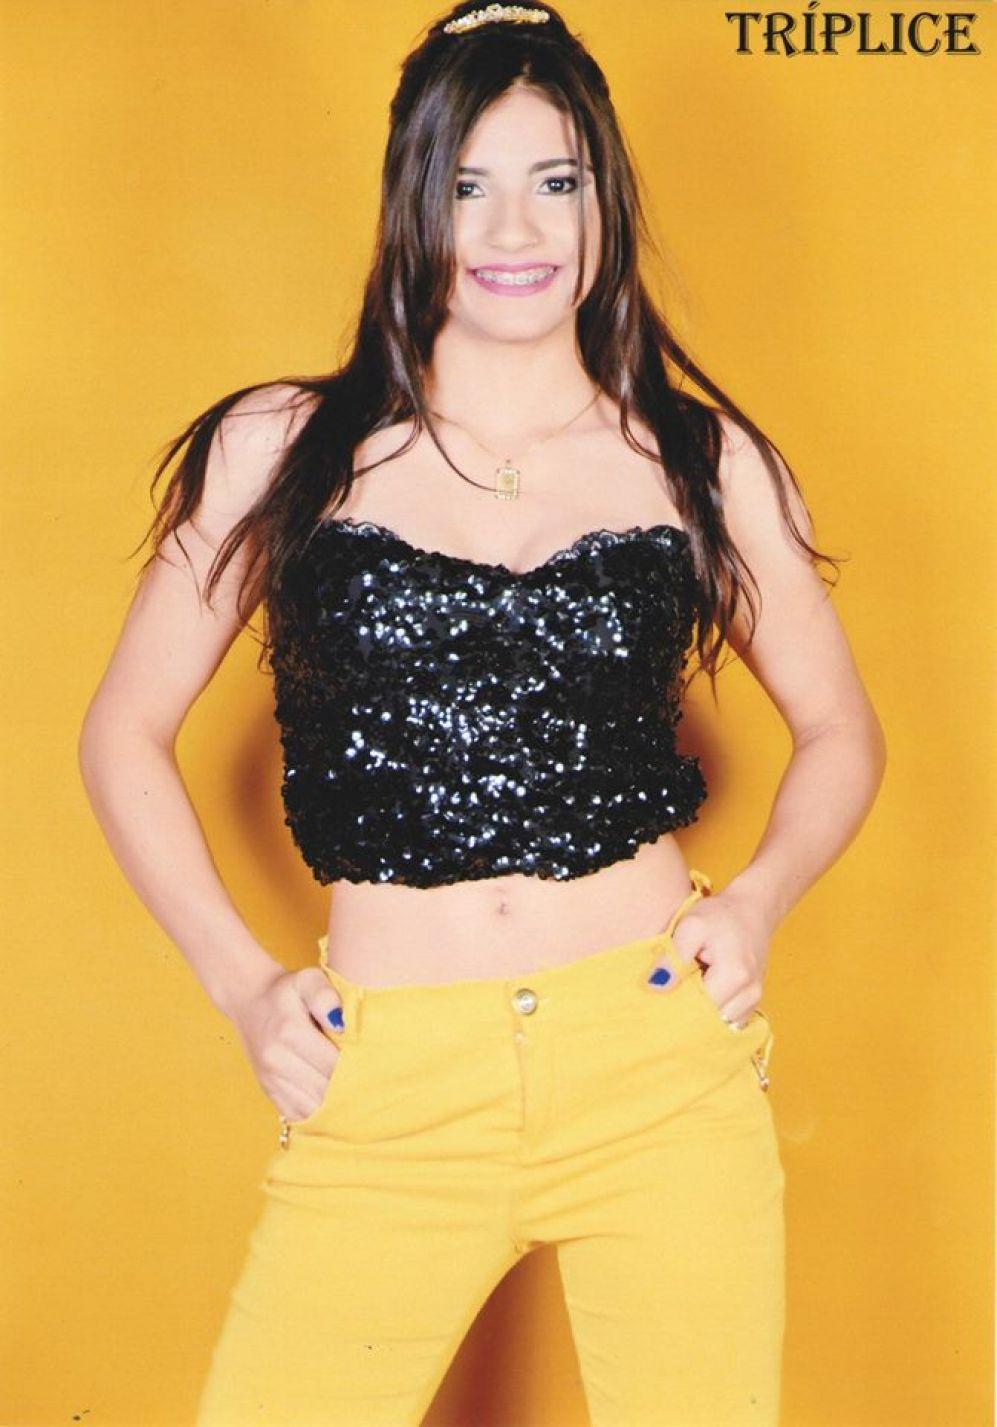 Andreia Camila de Quadros dos Santos - 17 Anos - Representa: